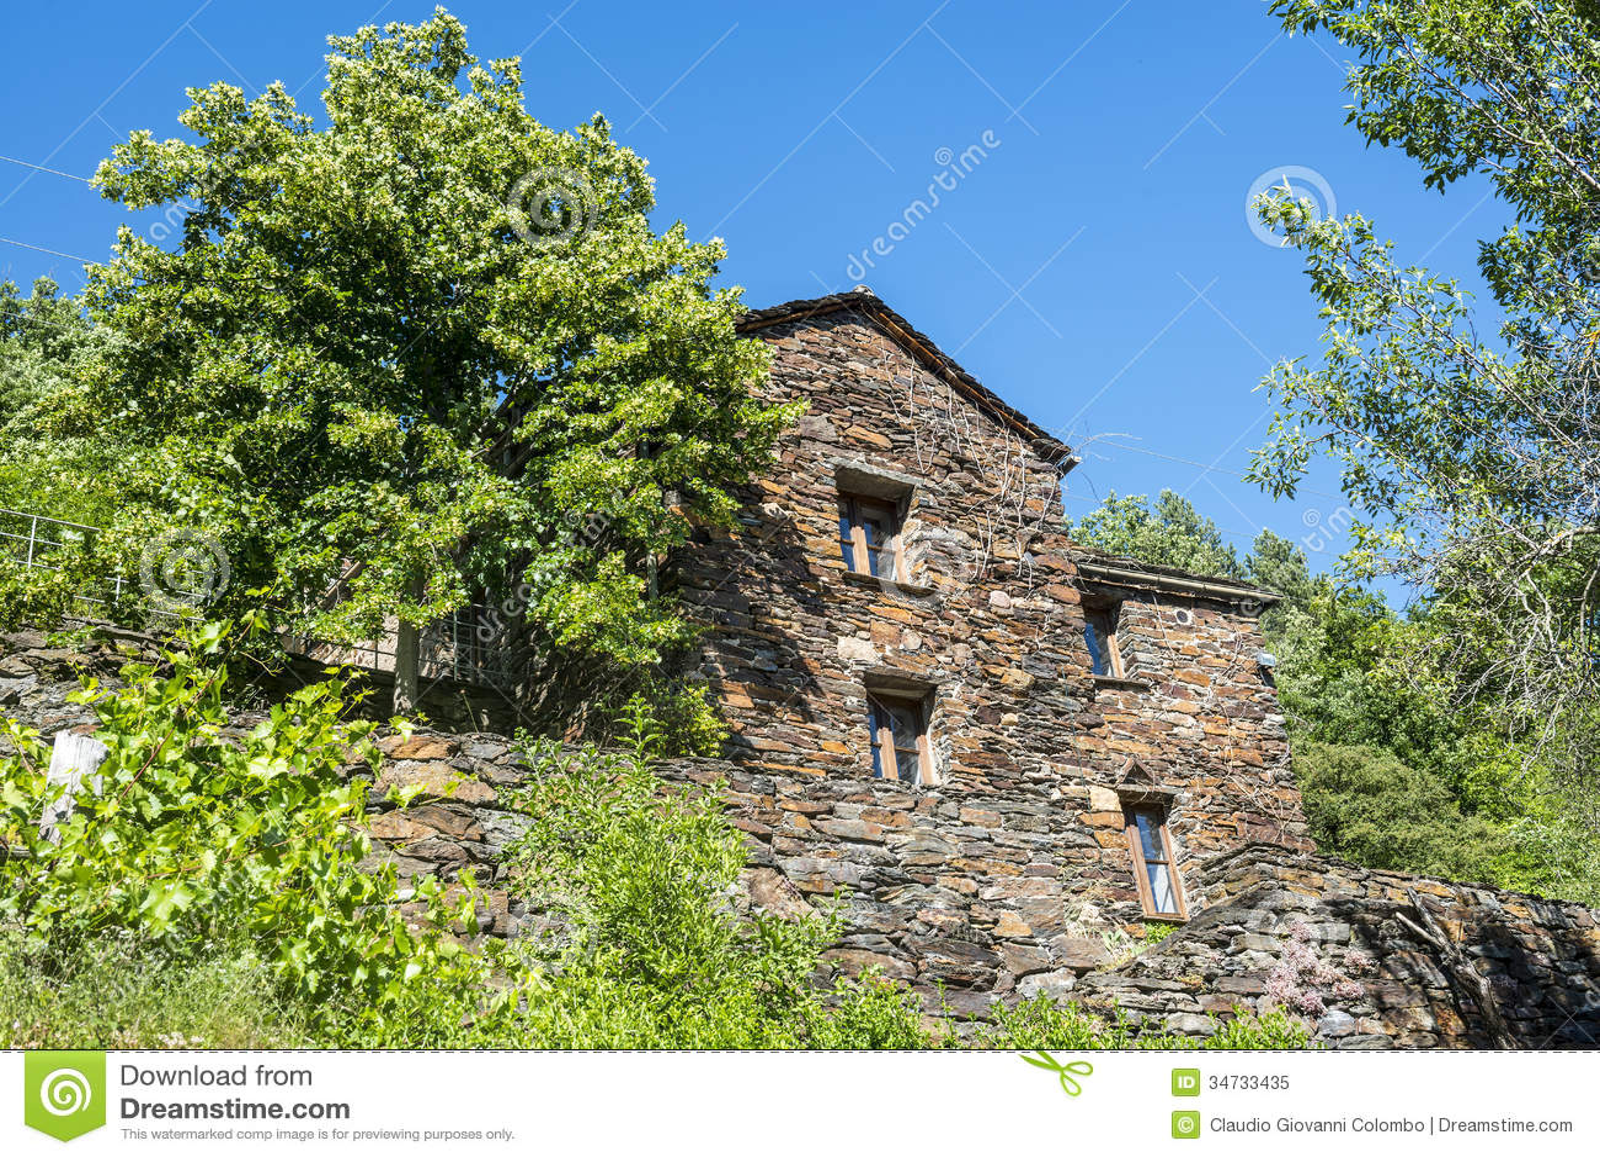 Cevennes vieille maison typique photo libre de droits for Maison typique